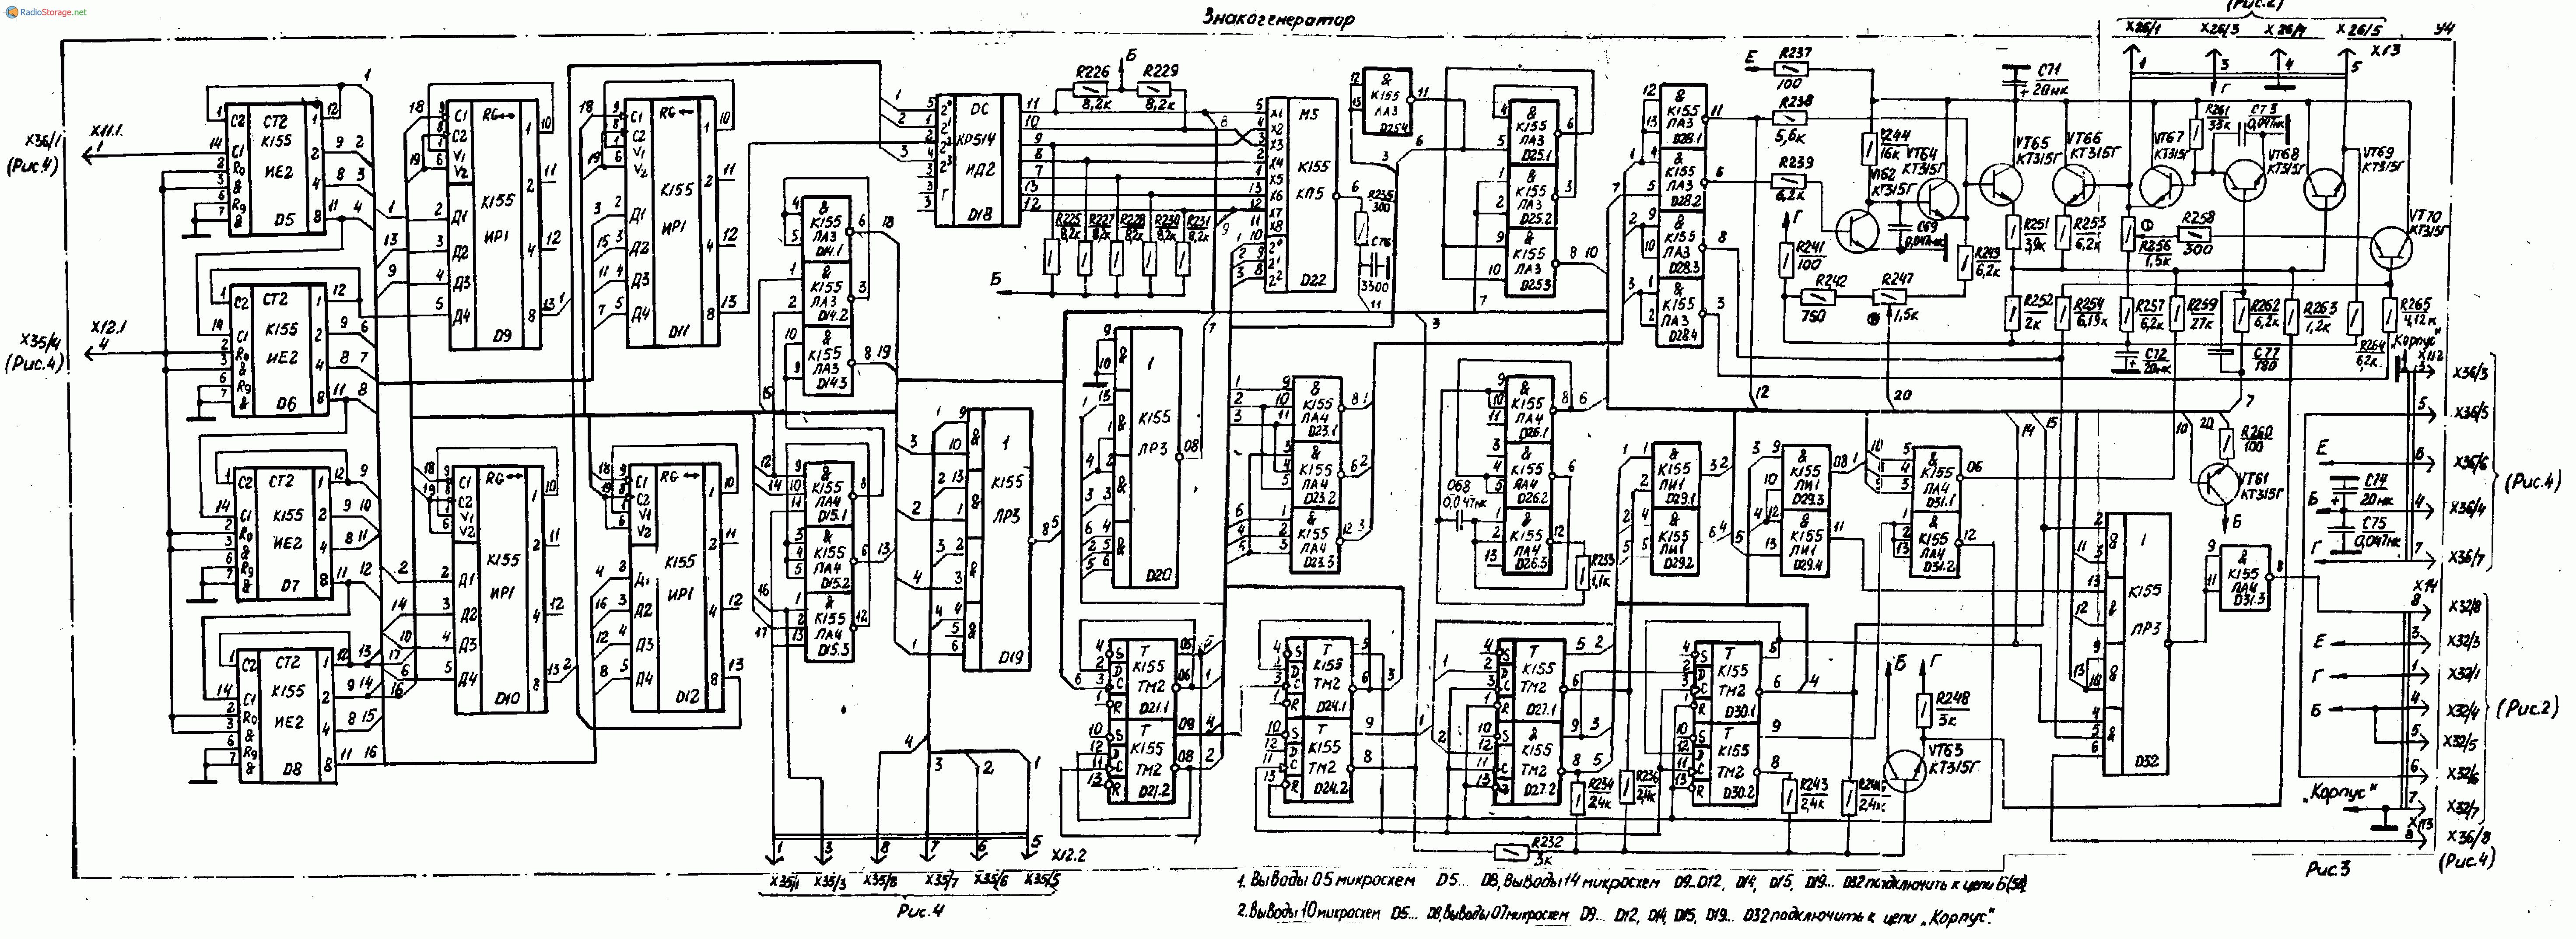 Схема осциллографа с1 112а